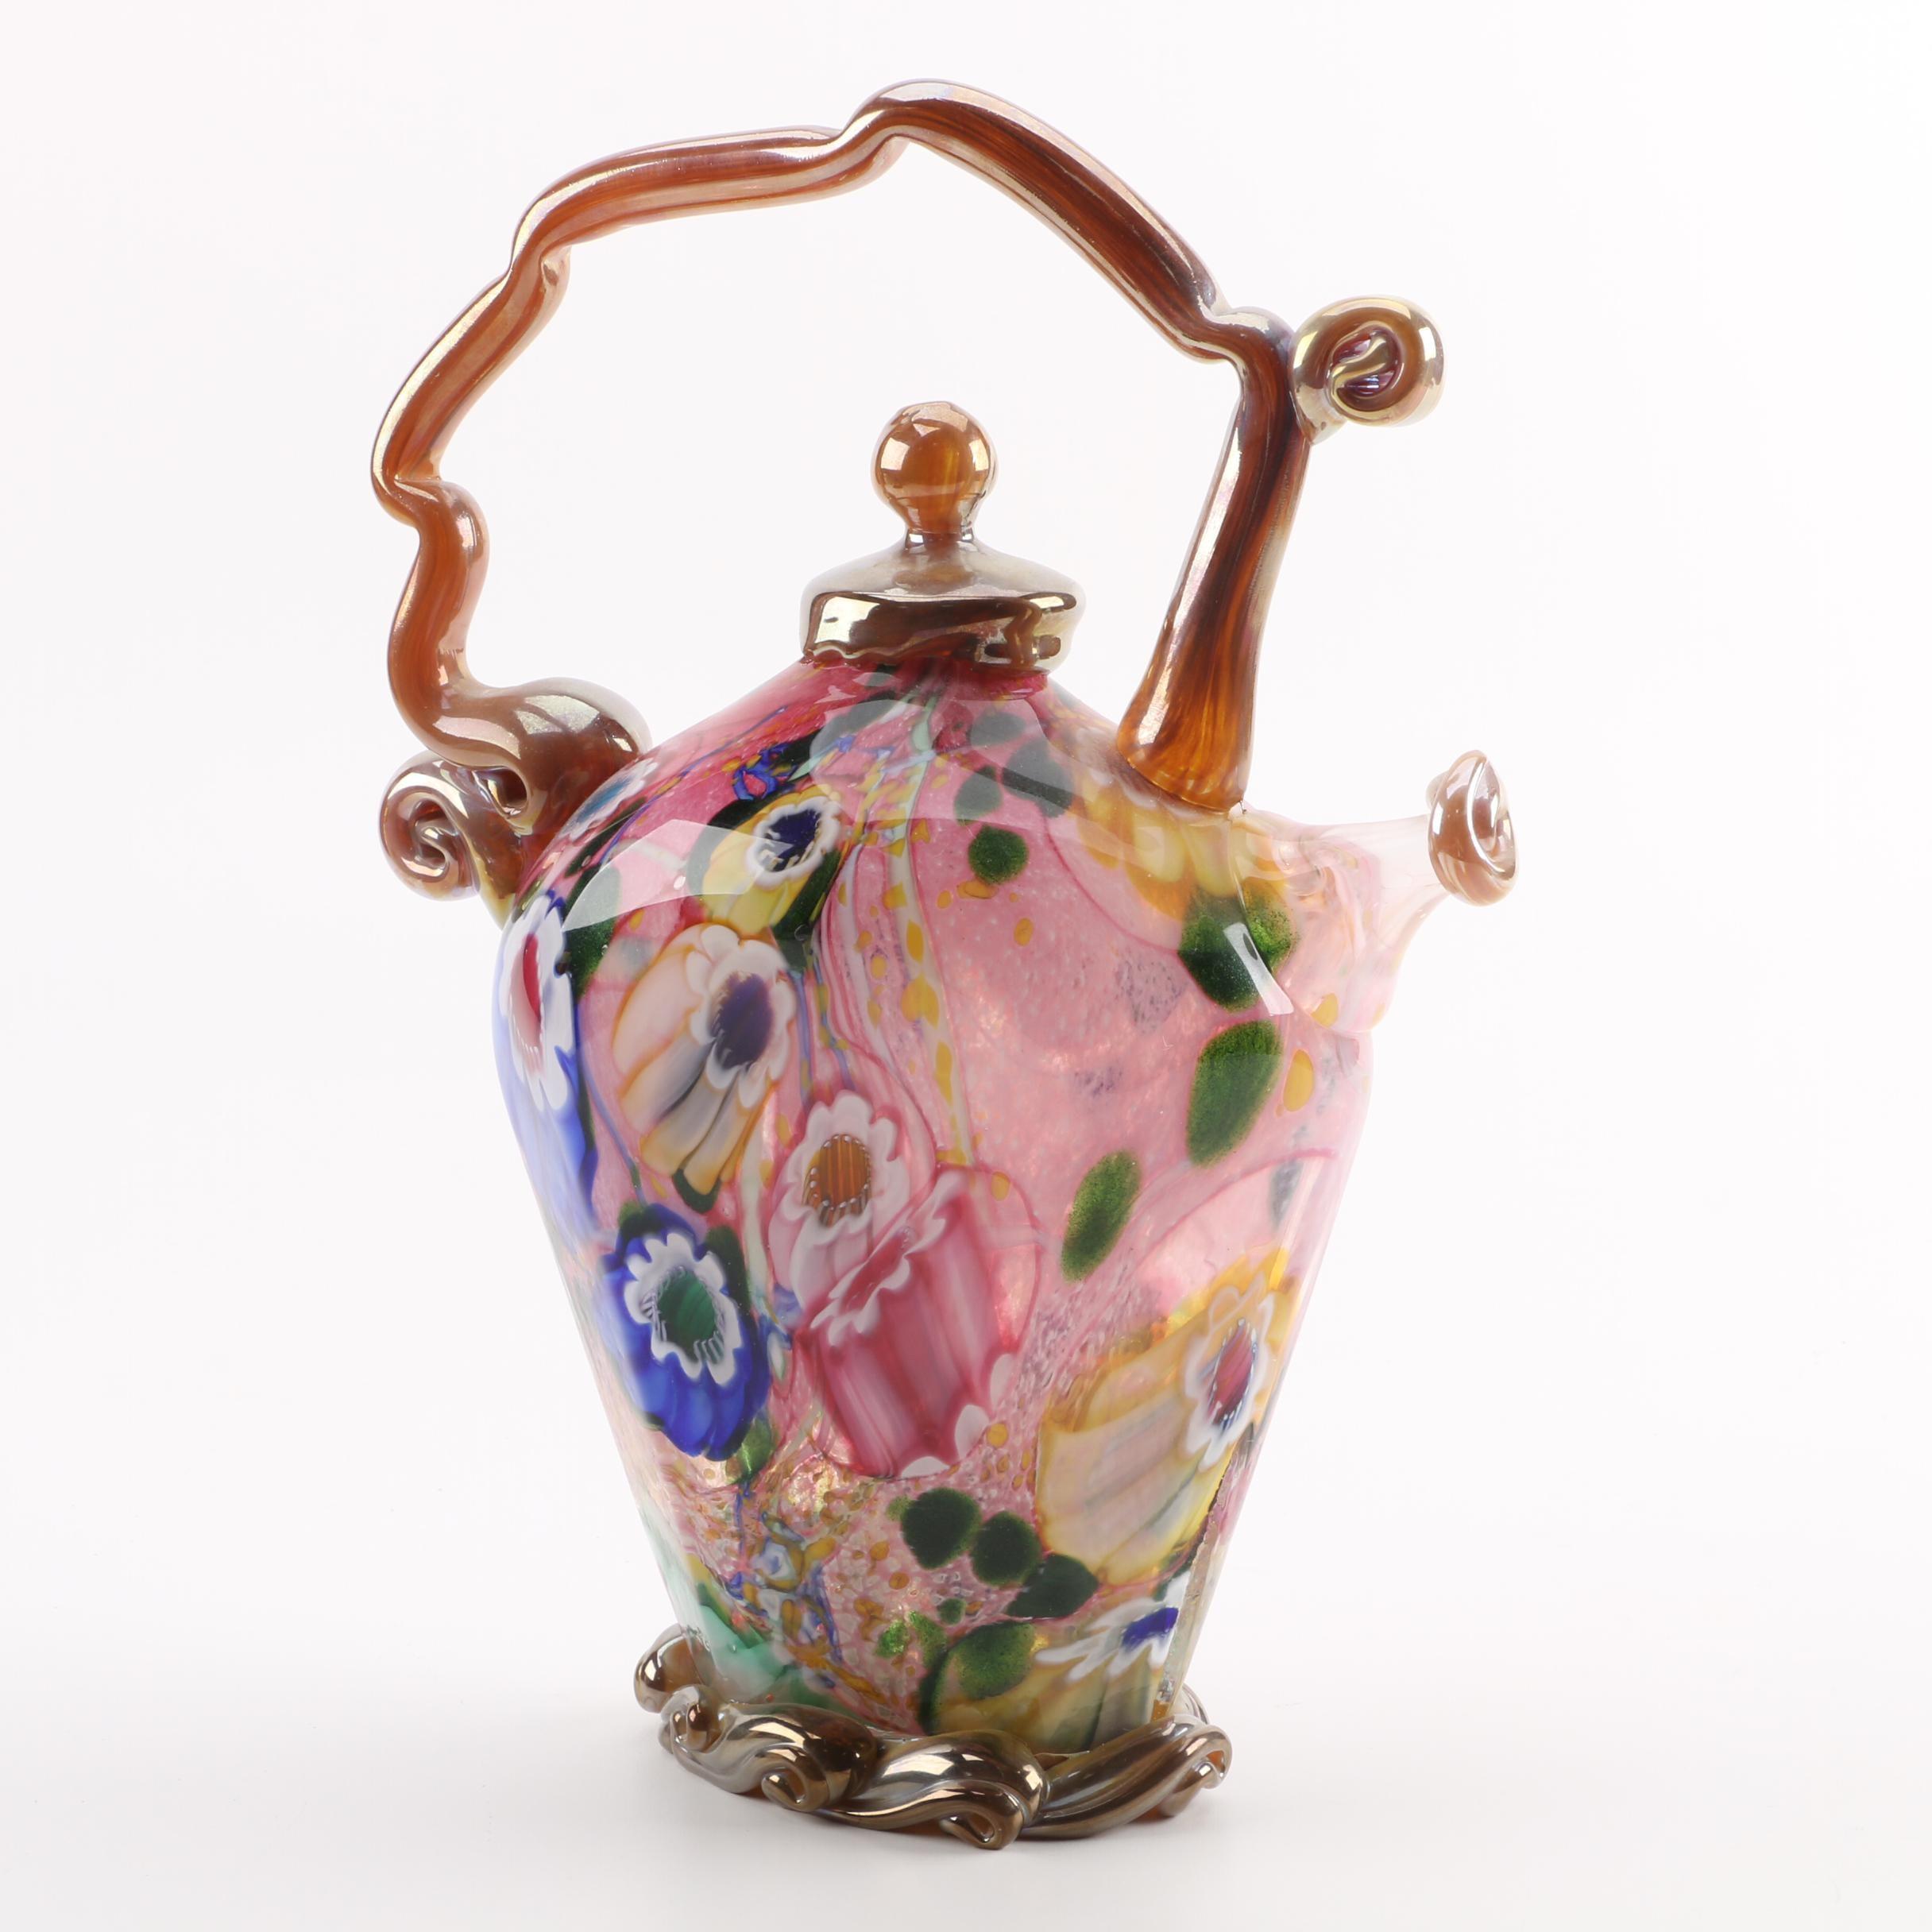 Paul Counts Hand-Blown Mosaic Glass Teapot Sculpture